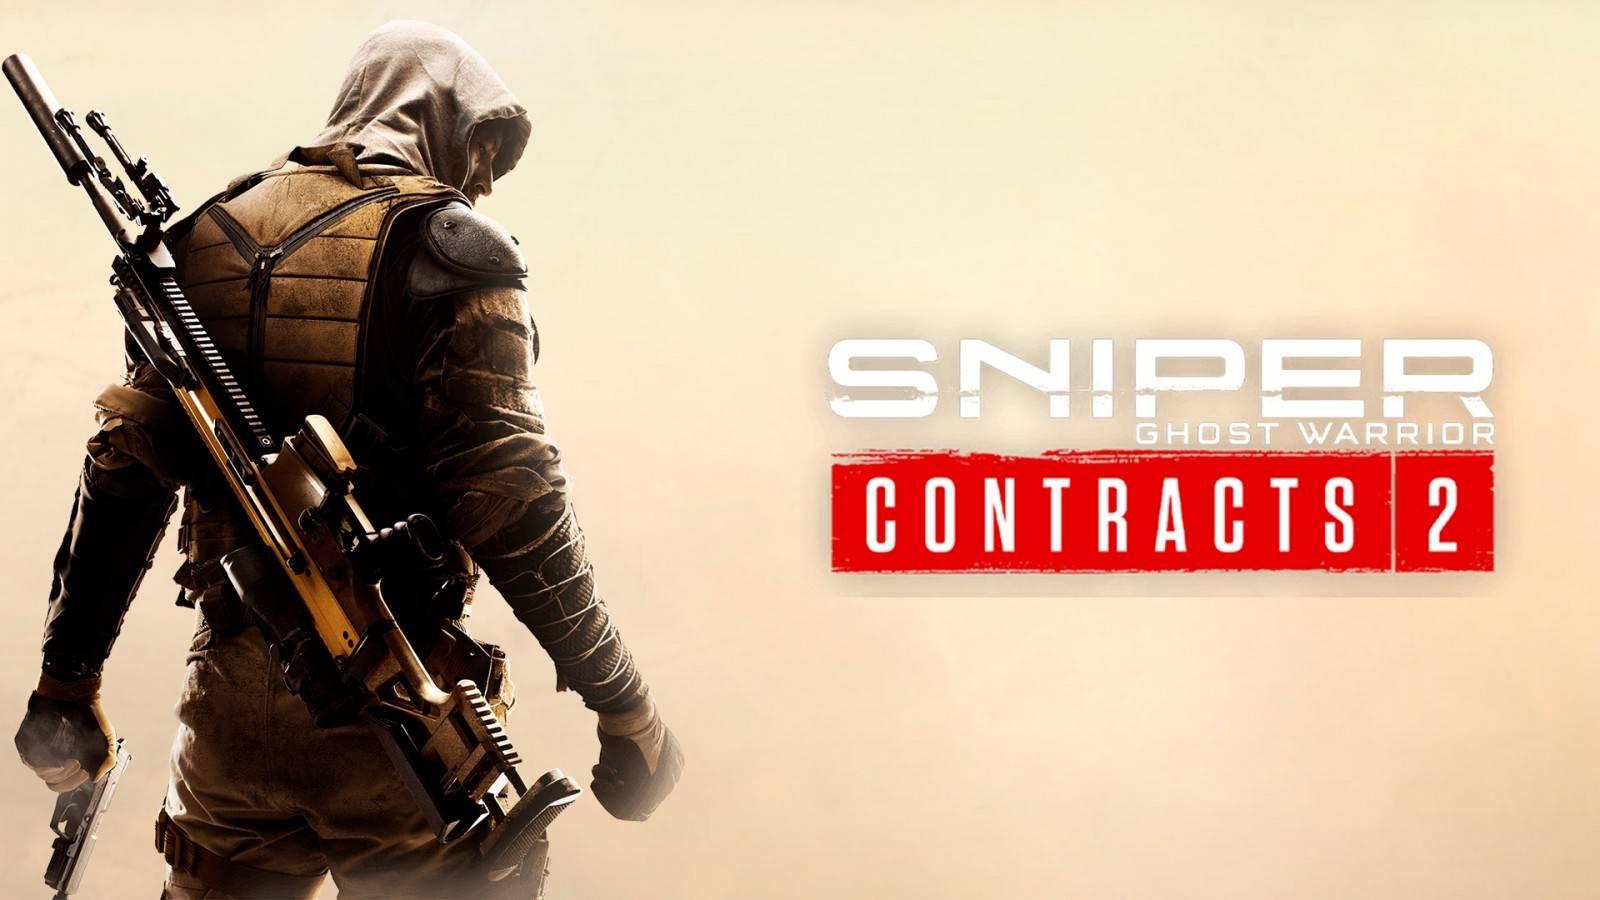 Sniper Ghost Warrior Contracts 2 muestra nuevo gameplay en su nuevo trailer!